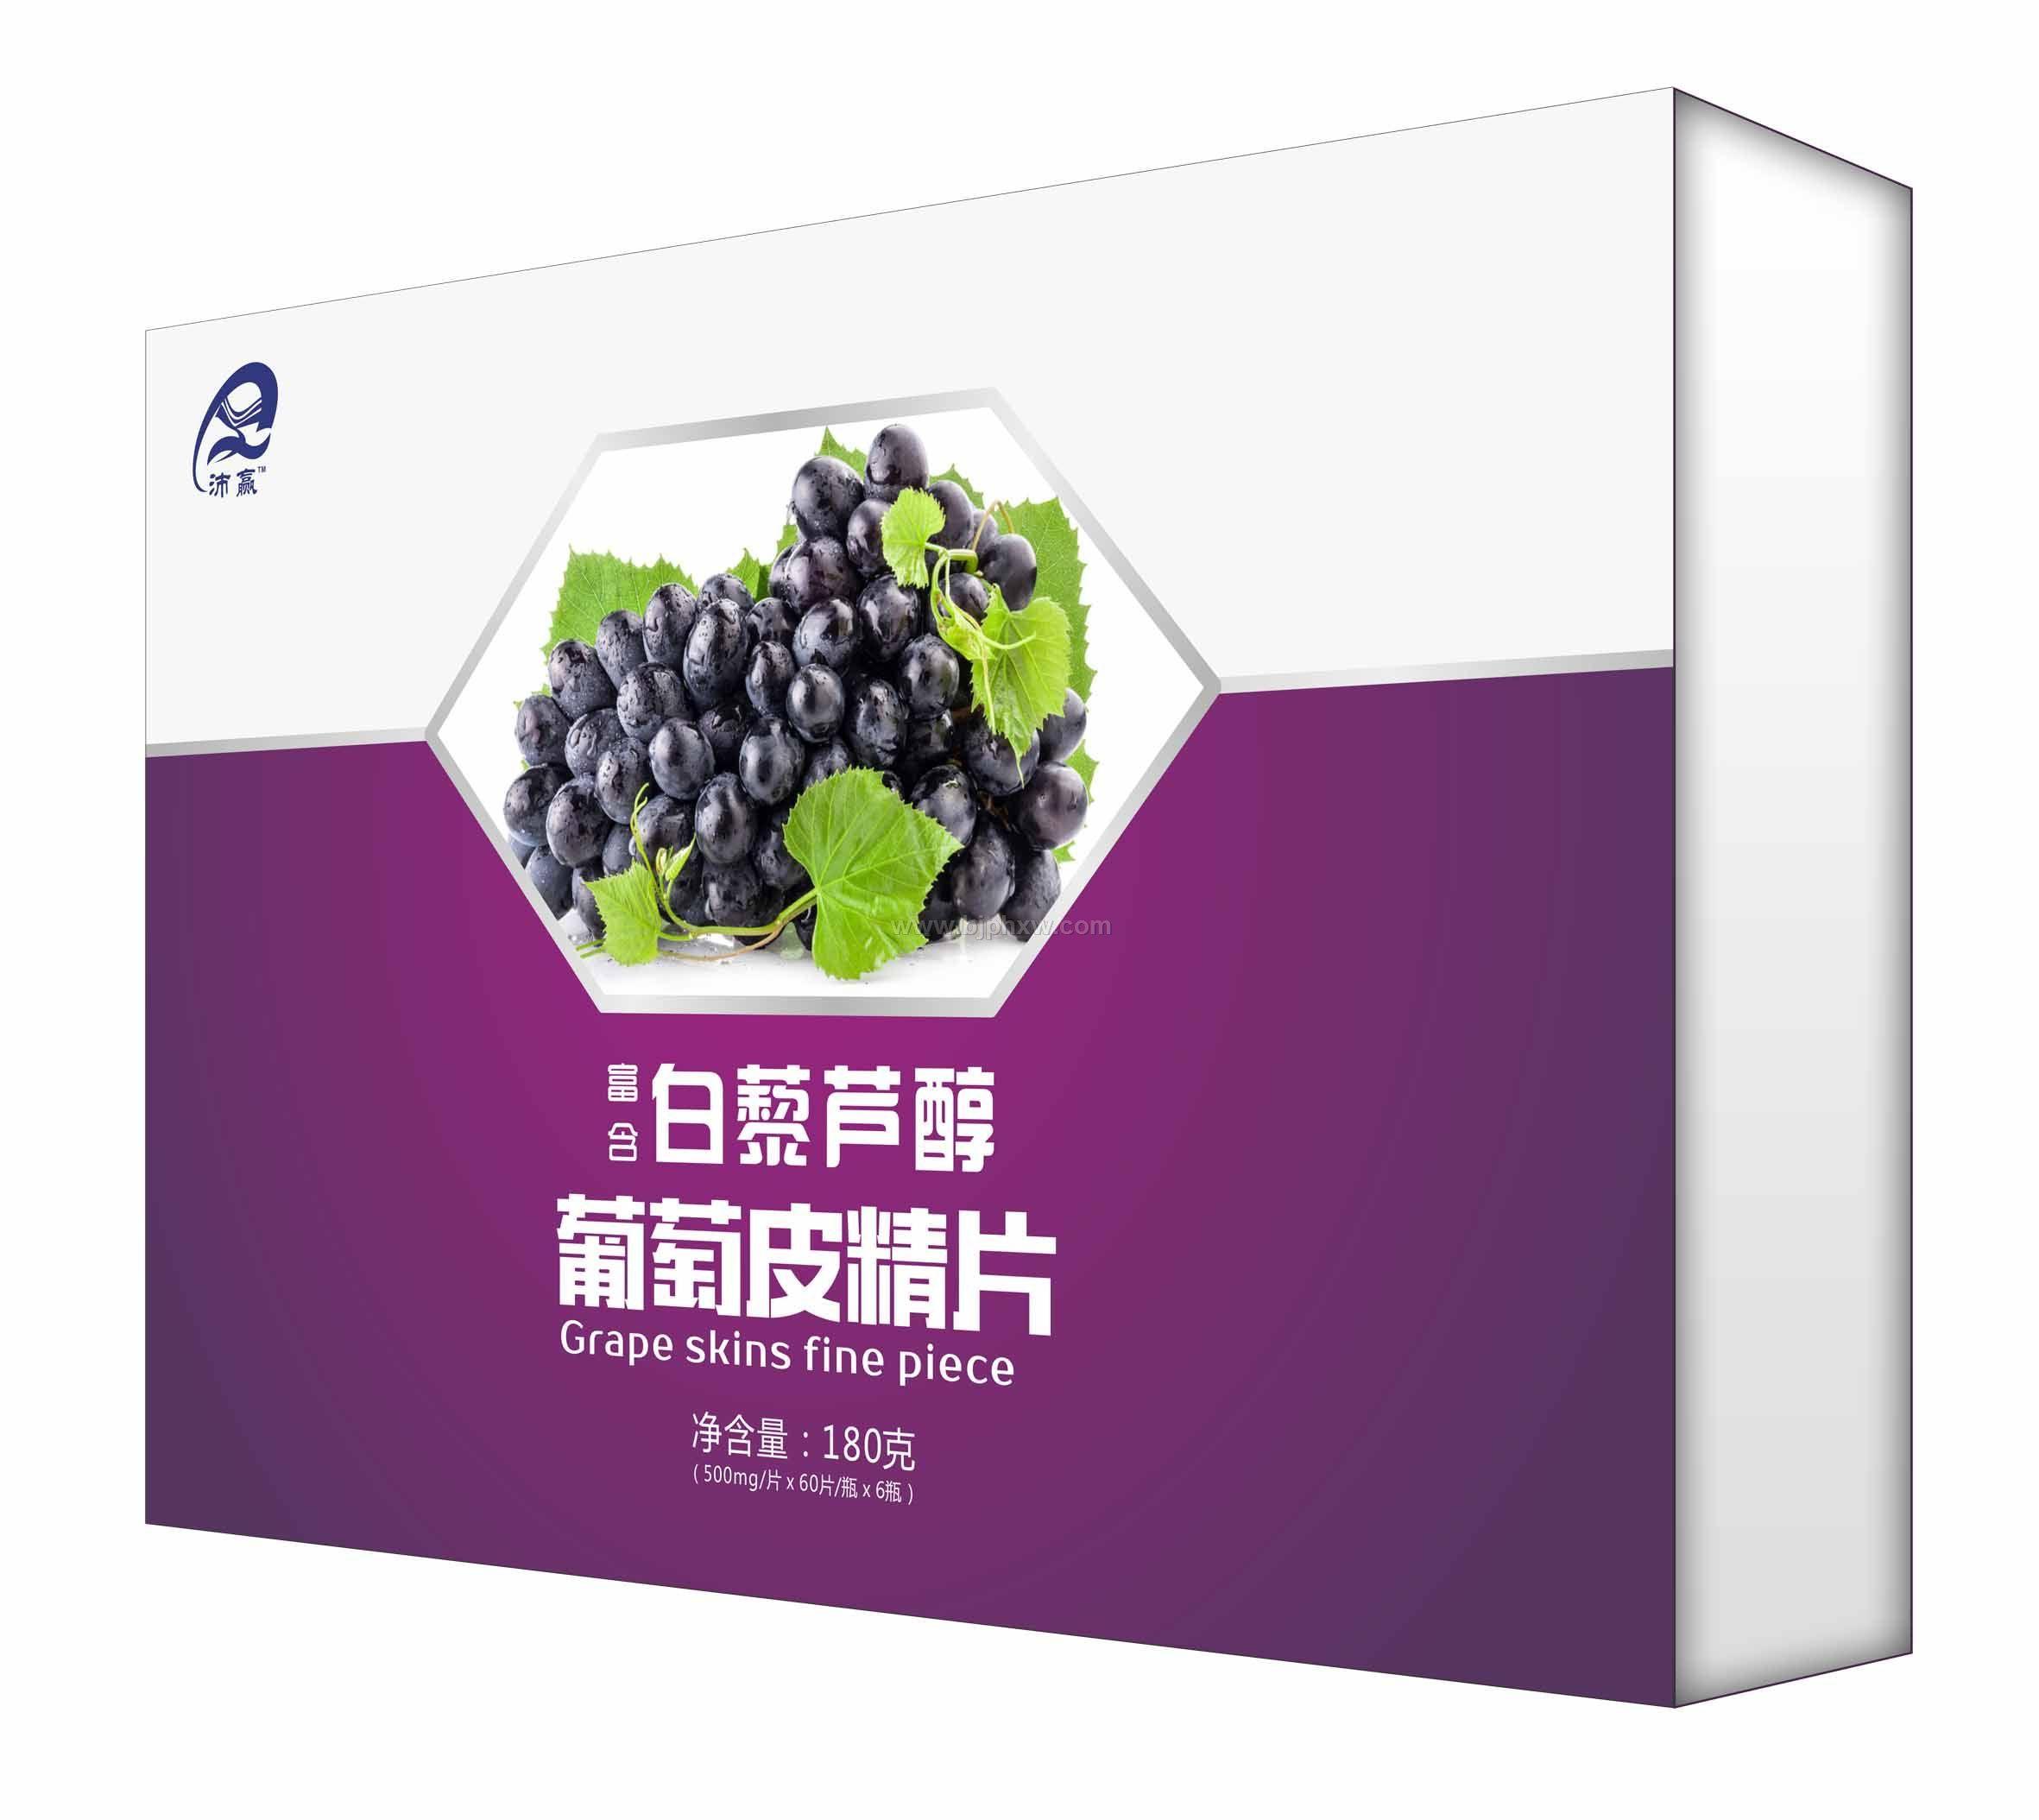 白藜芦醇葡萄皮精片